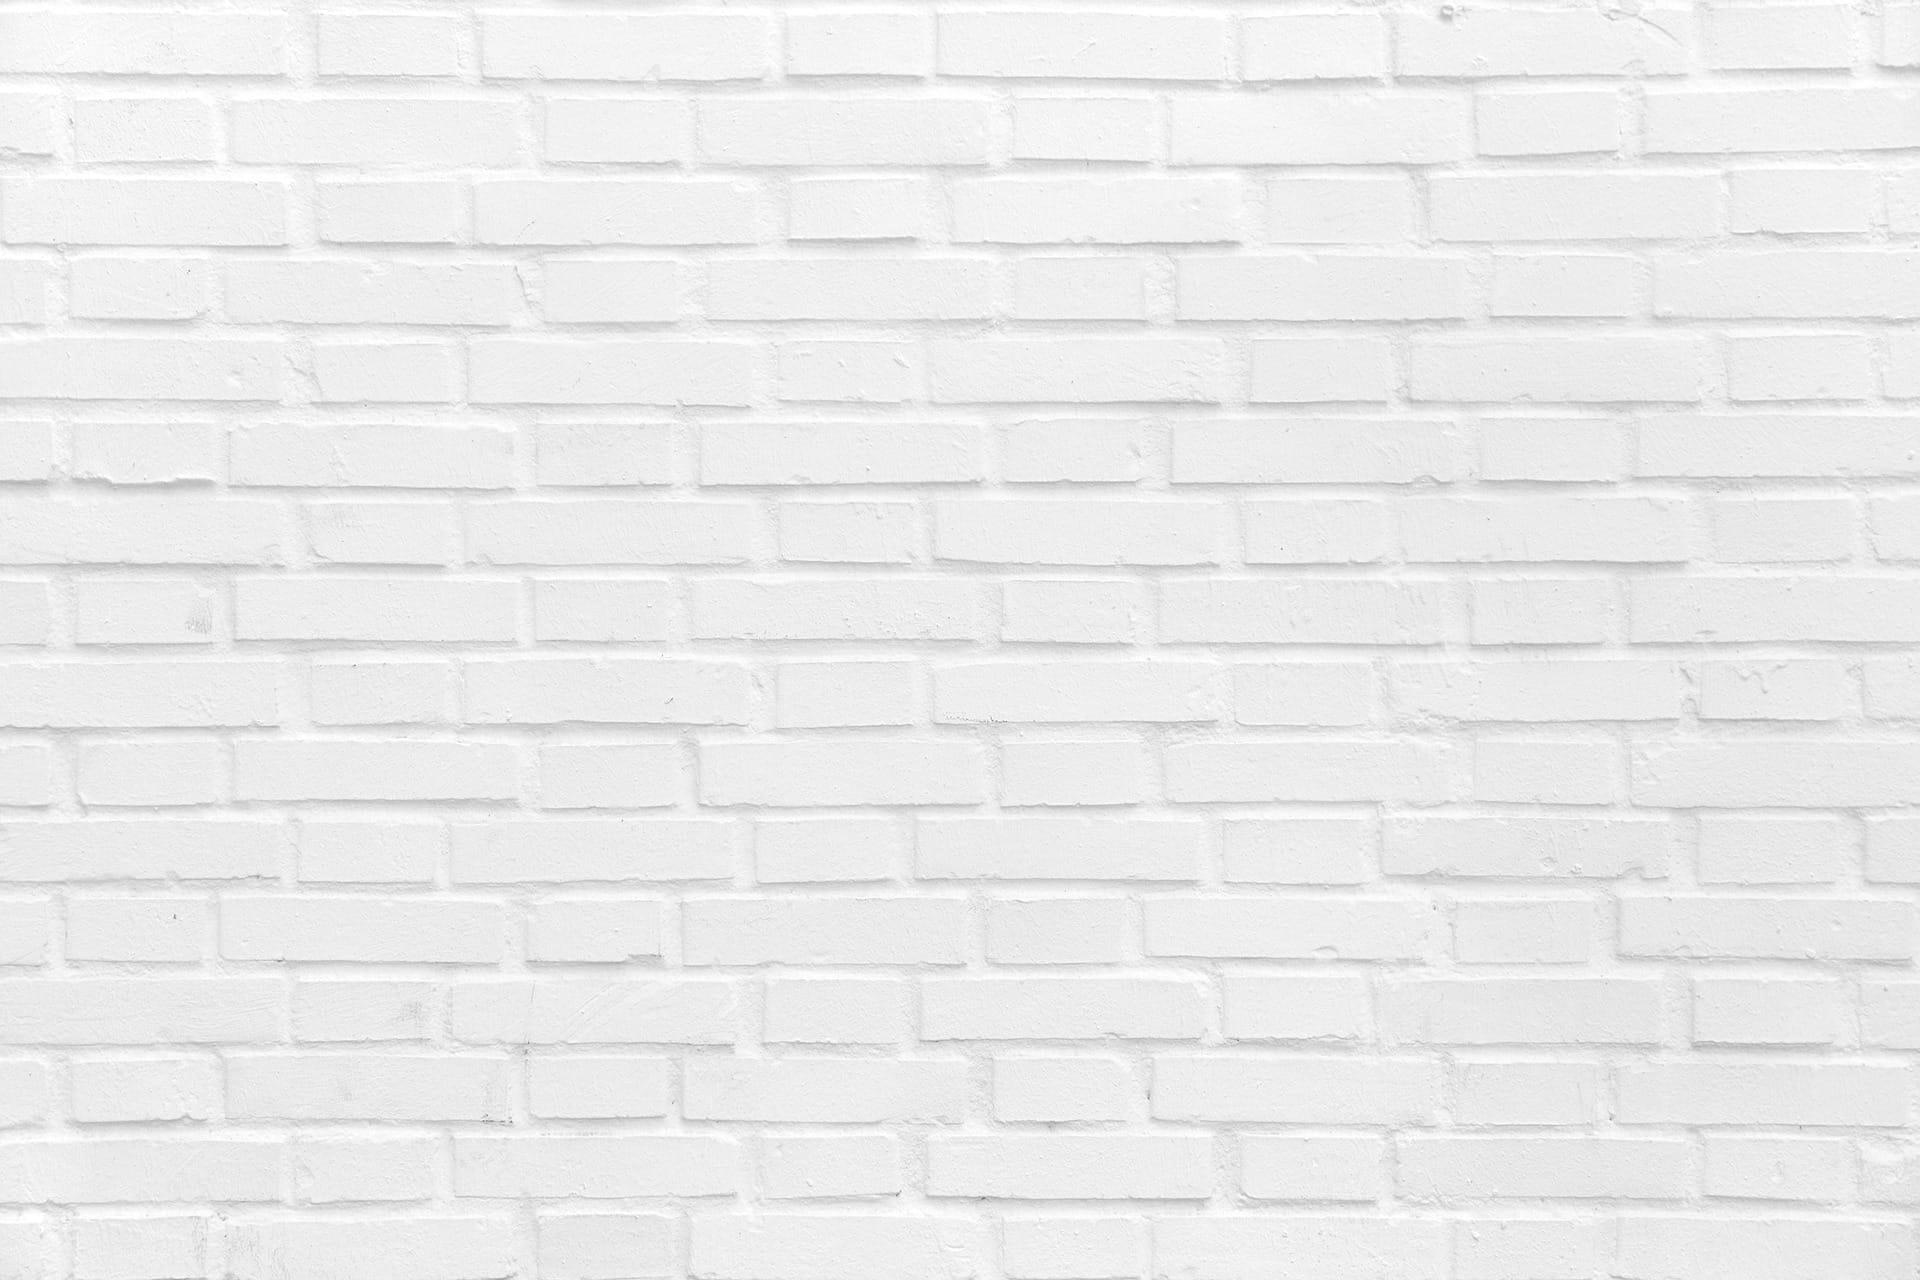 wall-bg